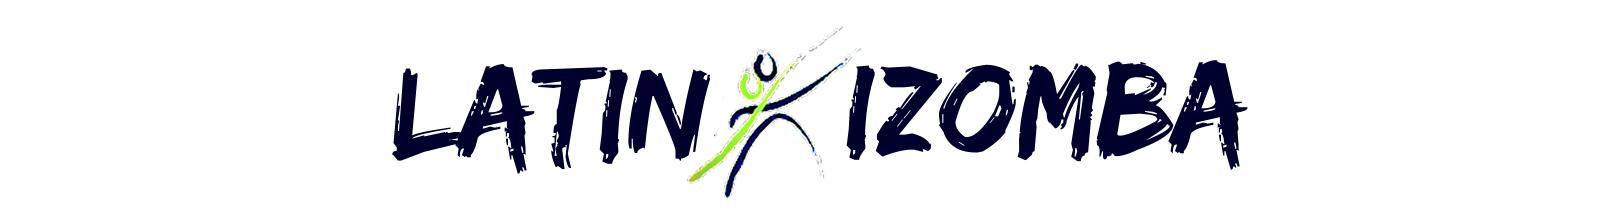 Latinkizomba logo alta